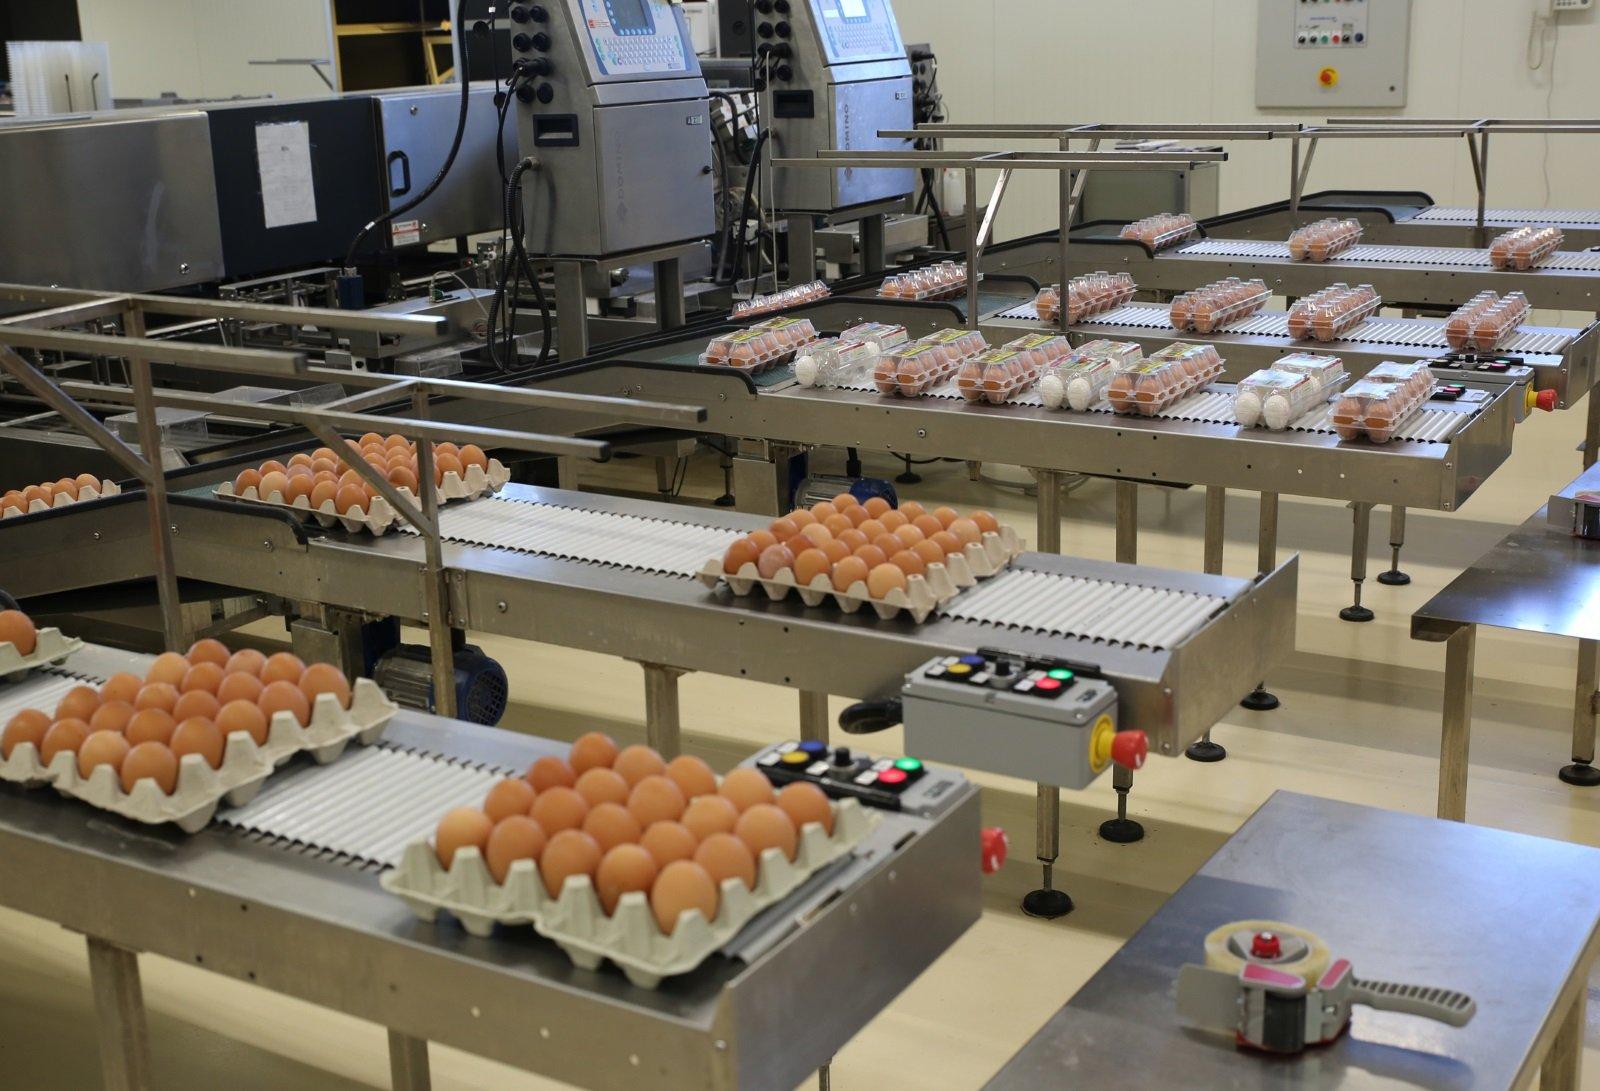 Nastro trasportatore che muove confezioni di uova di diverse dimensioni